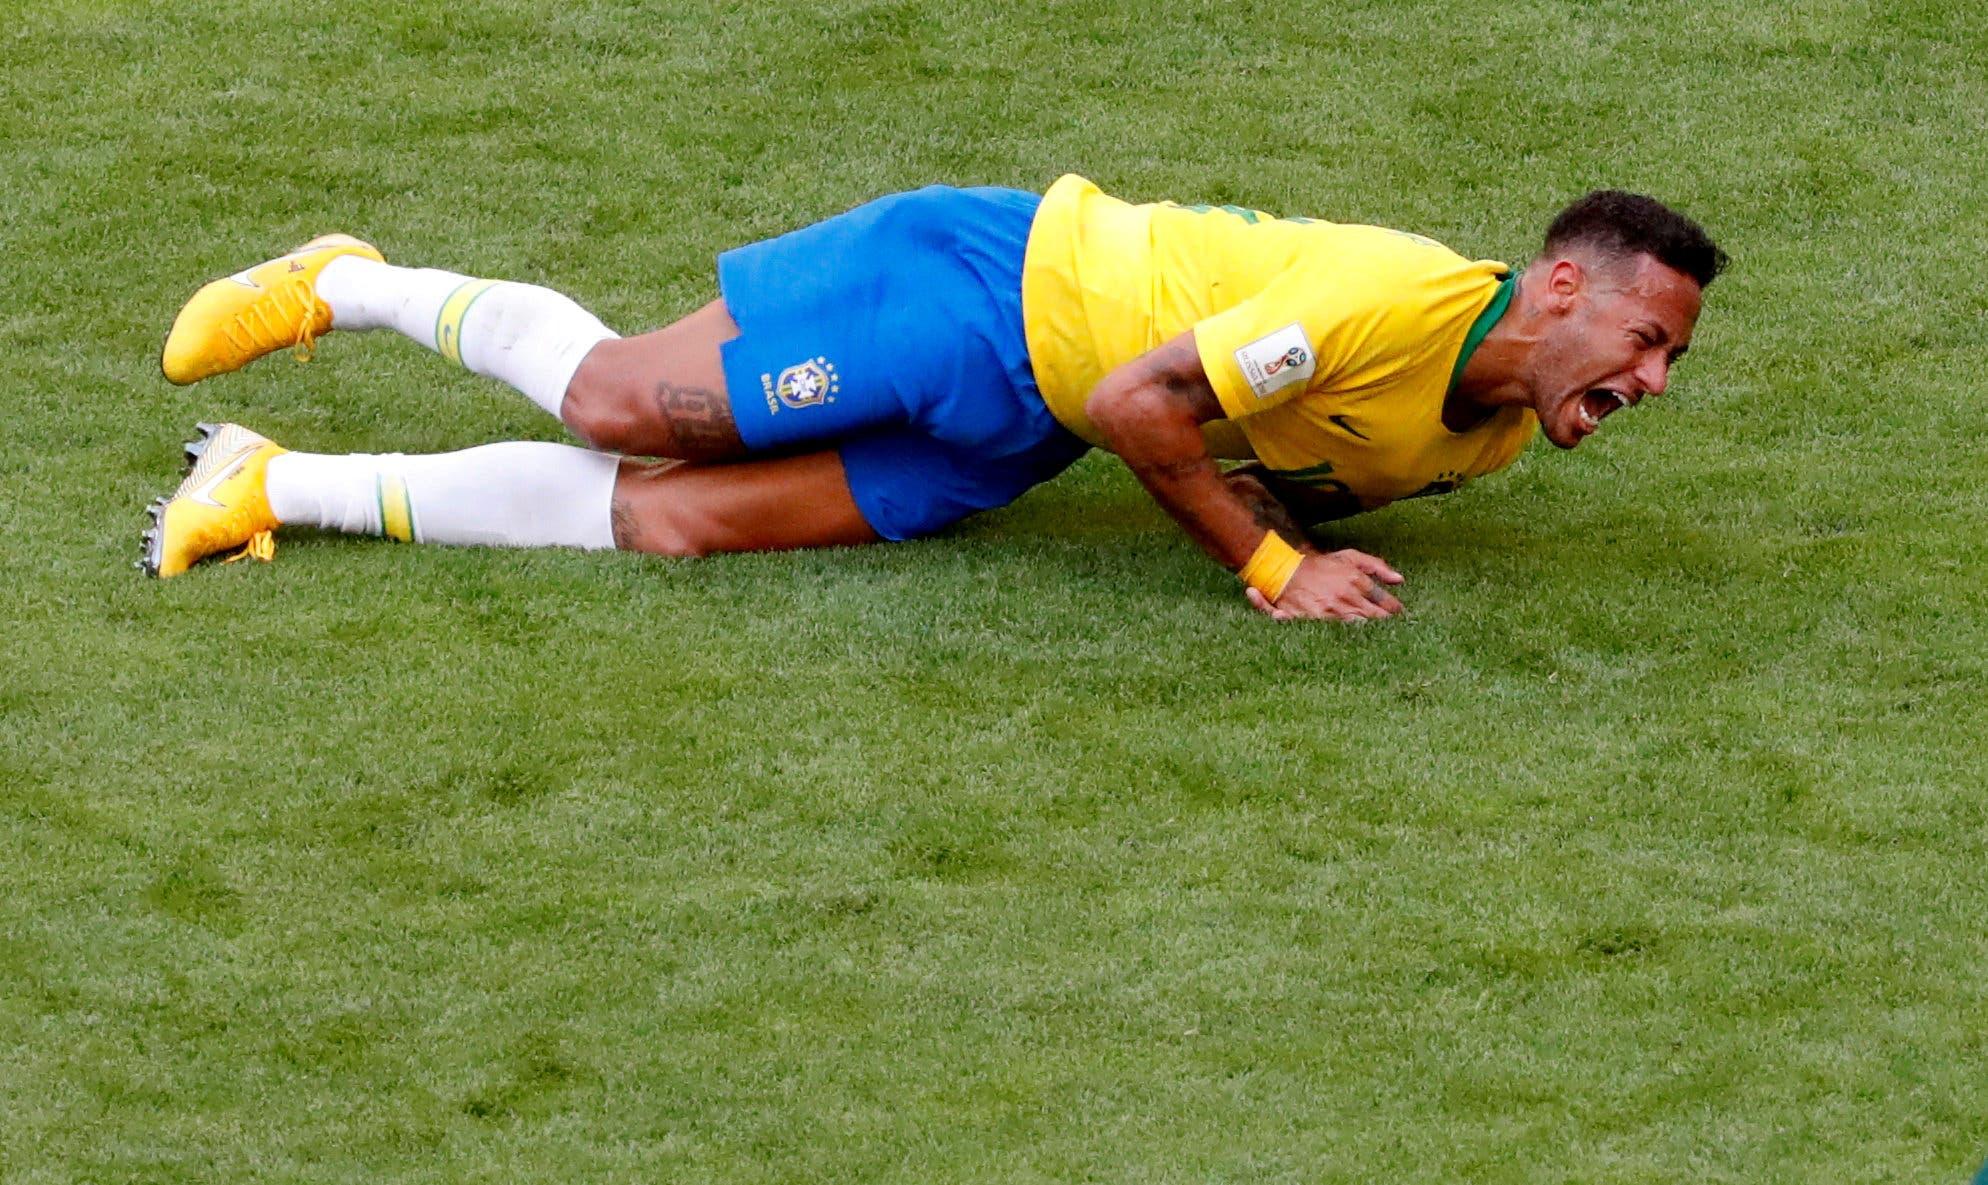 نيمار لم يظهر بالشكل المأمول في كأس العالم 2018